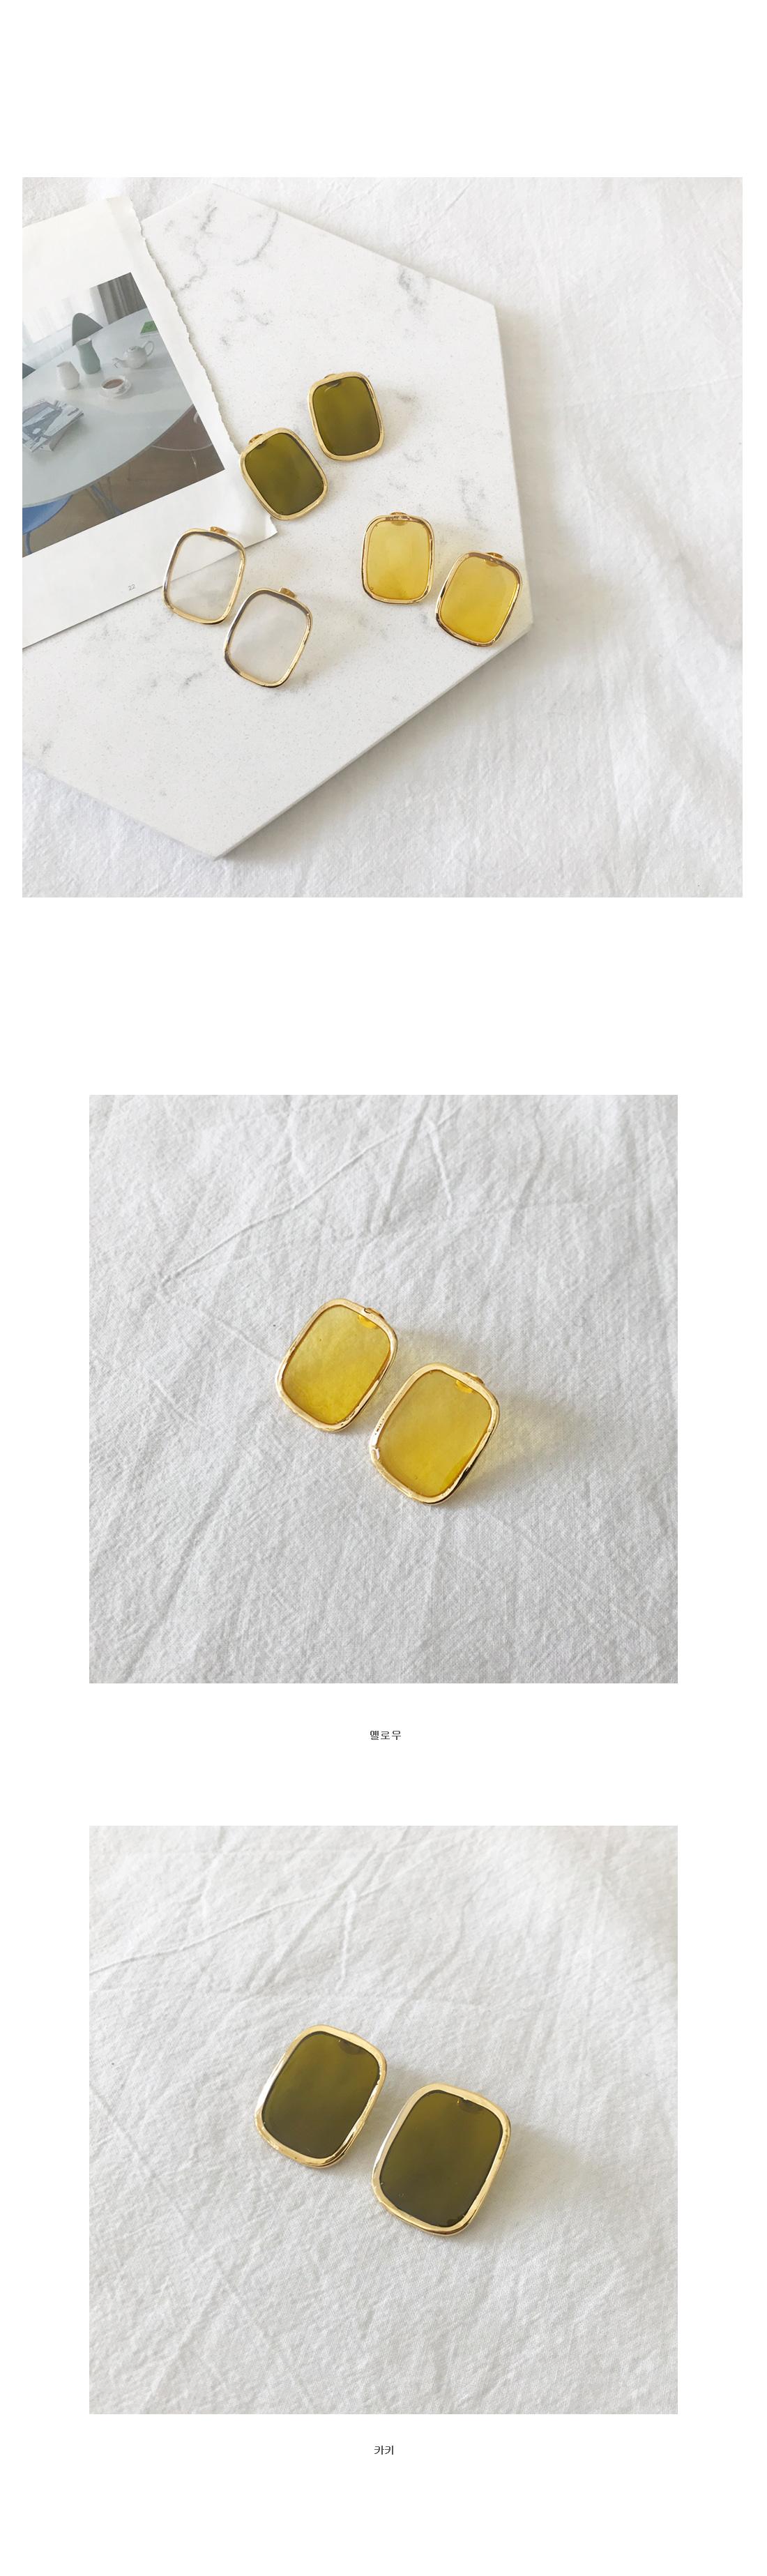 May Epoxy earrings